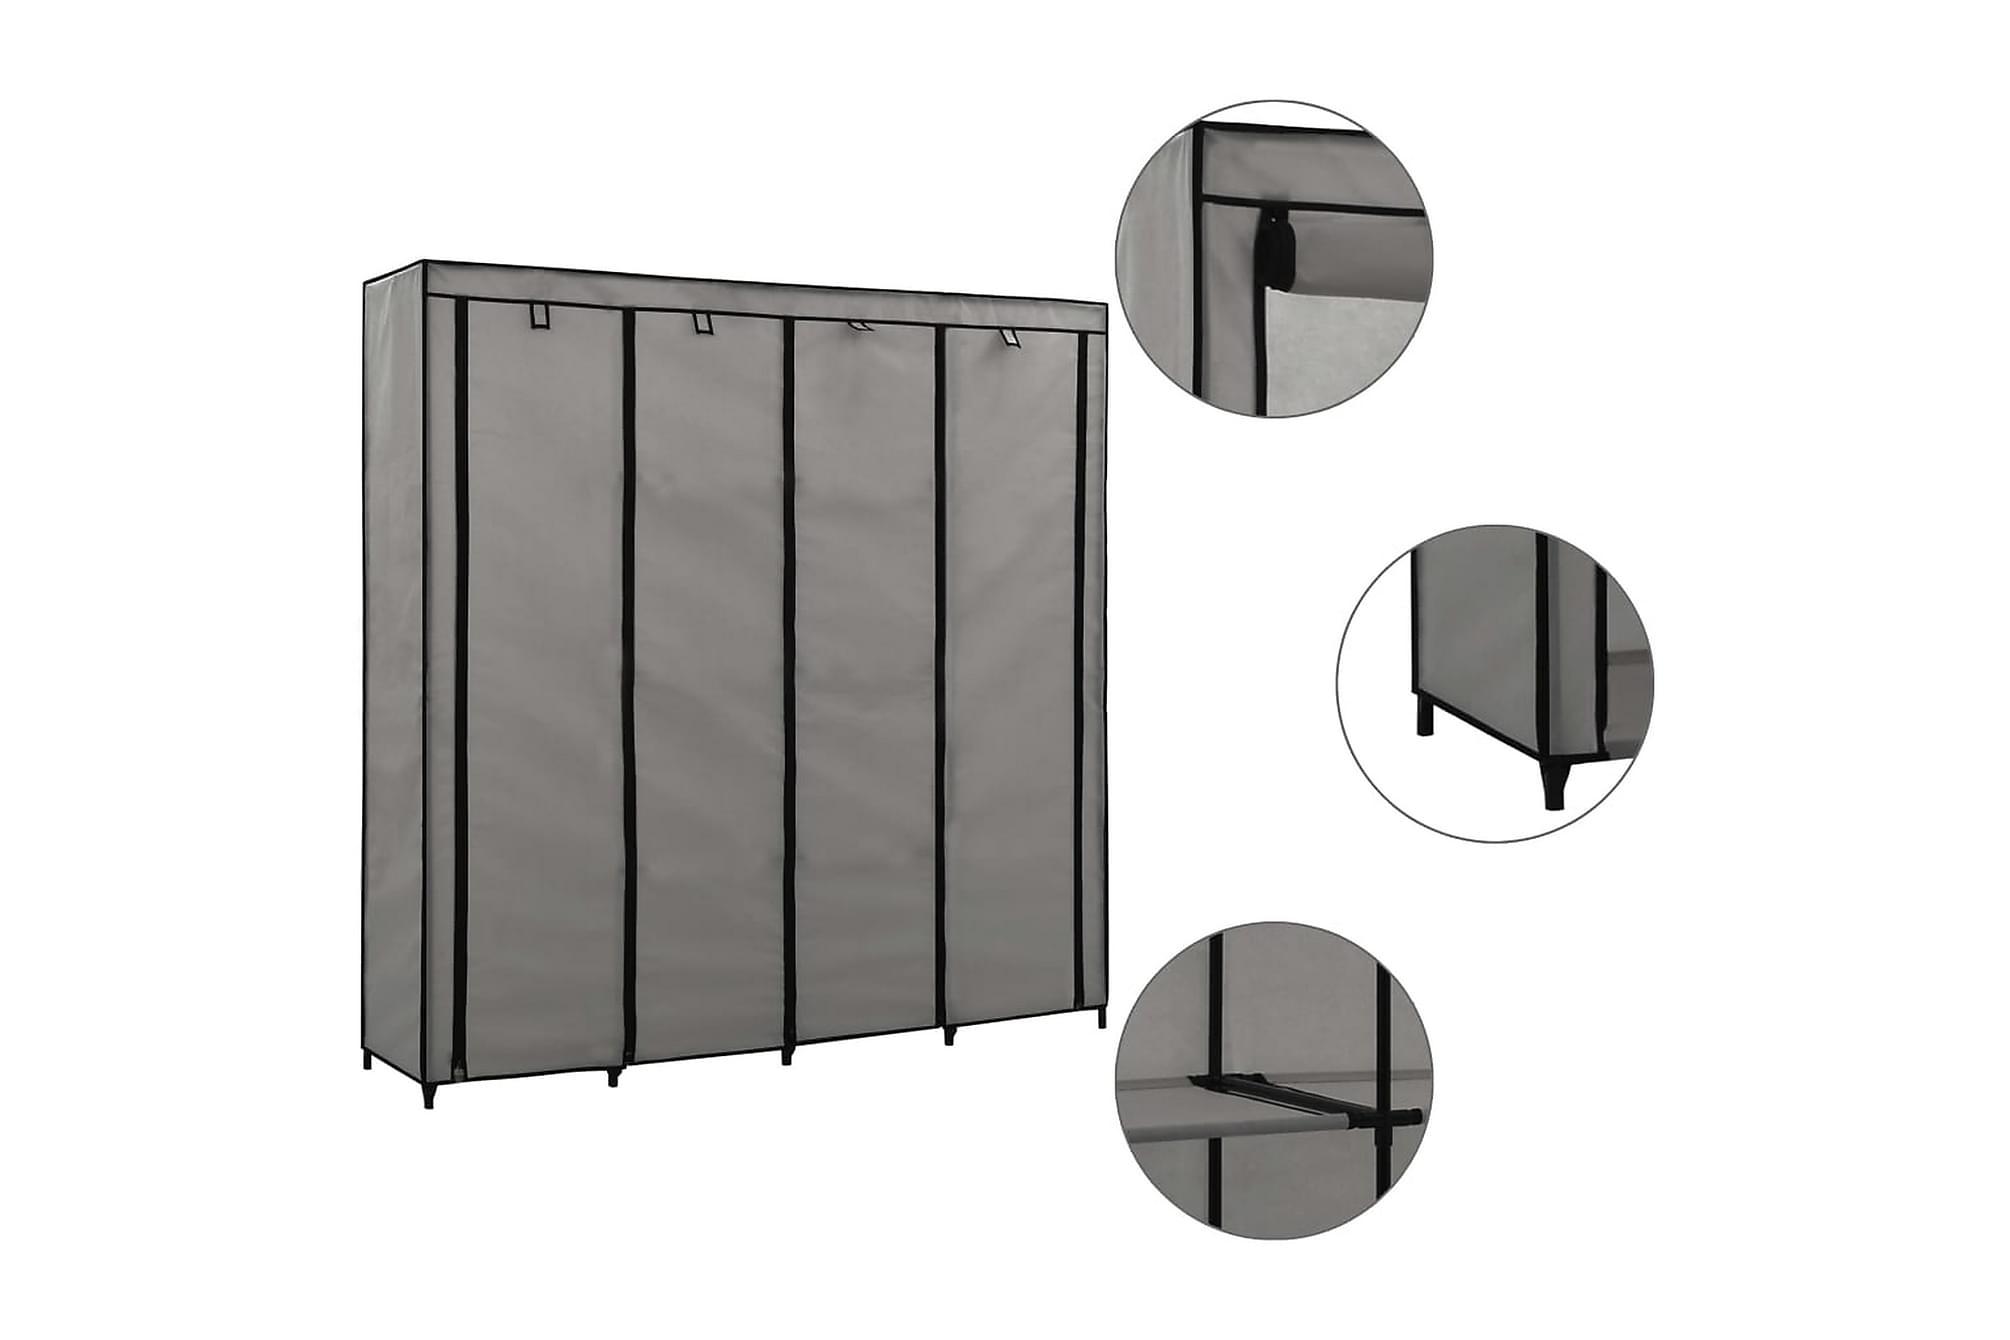 Garderob med 4 fack grå 175x45x170 cm